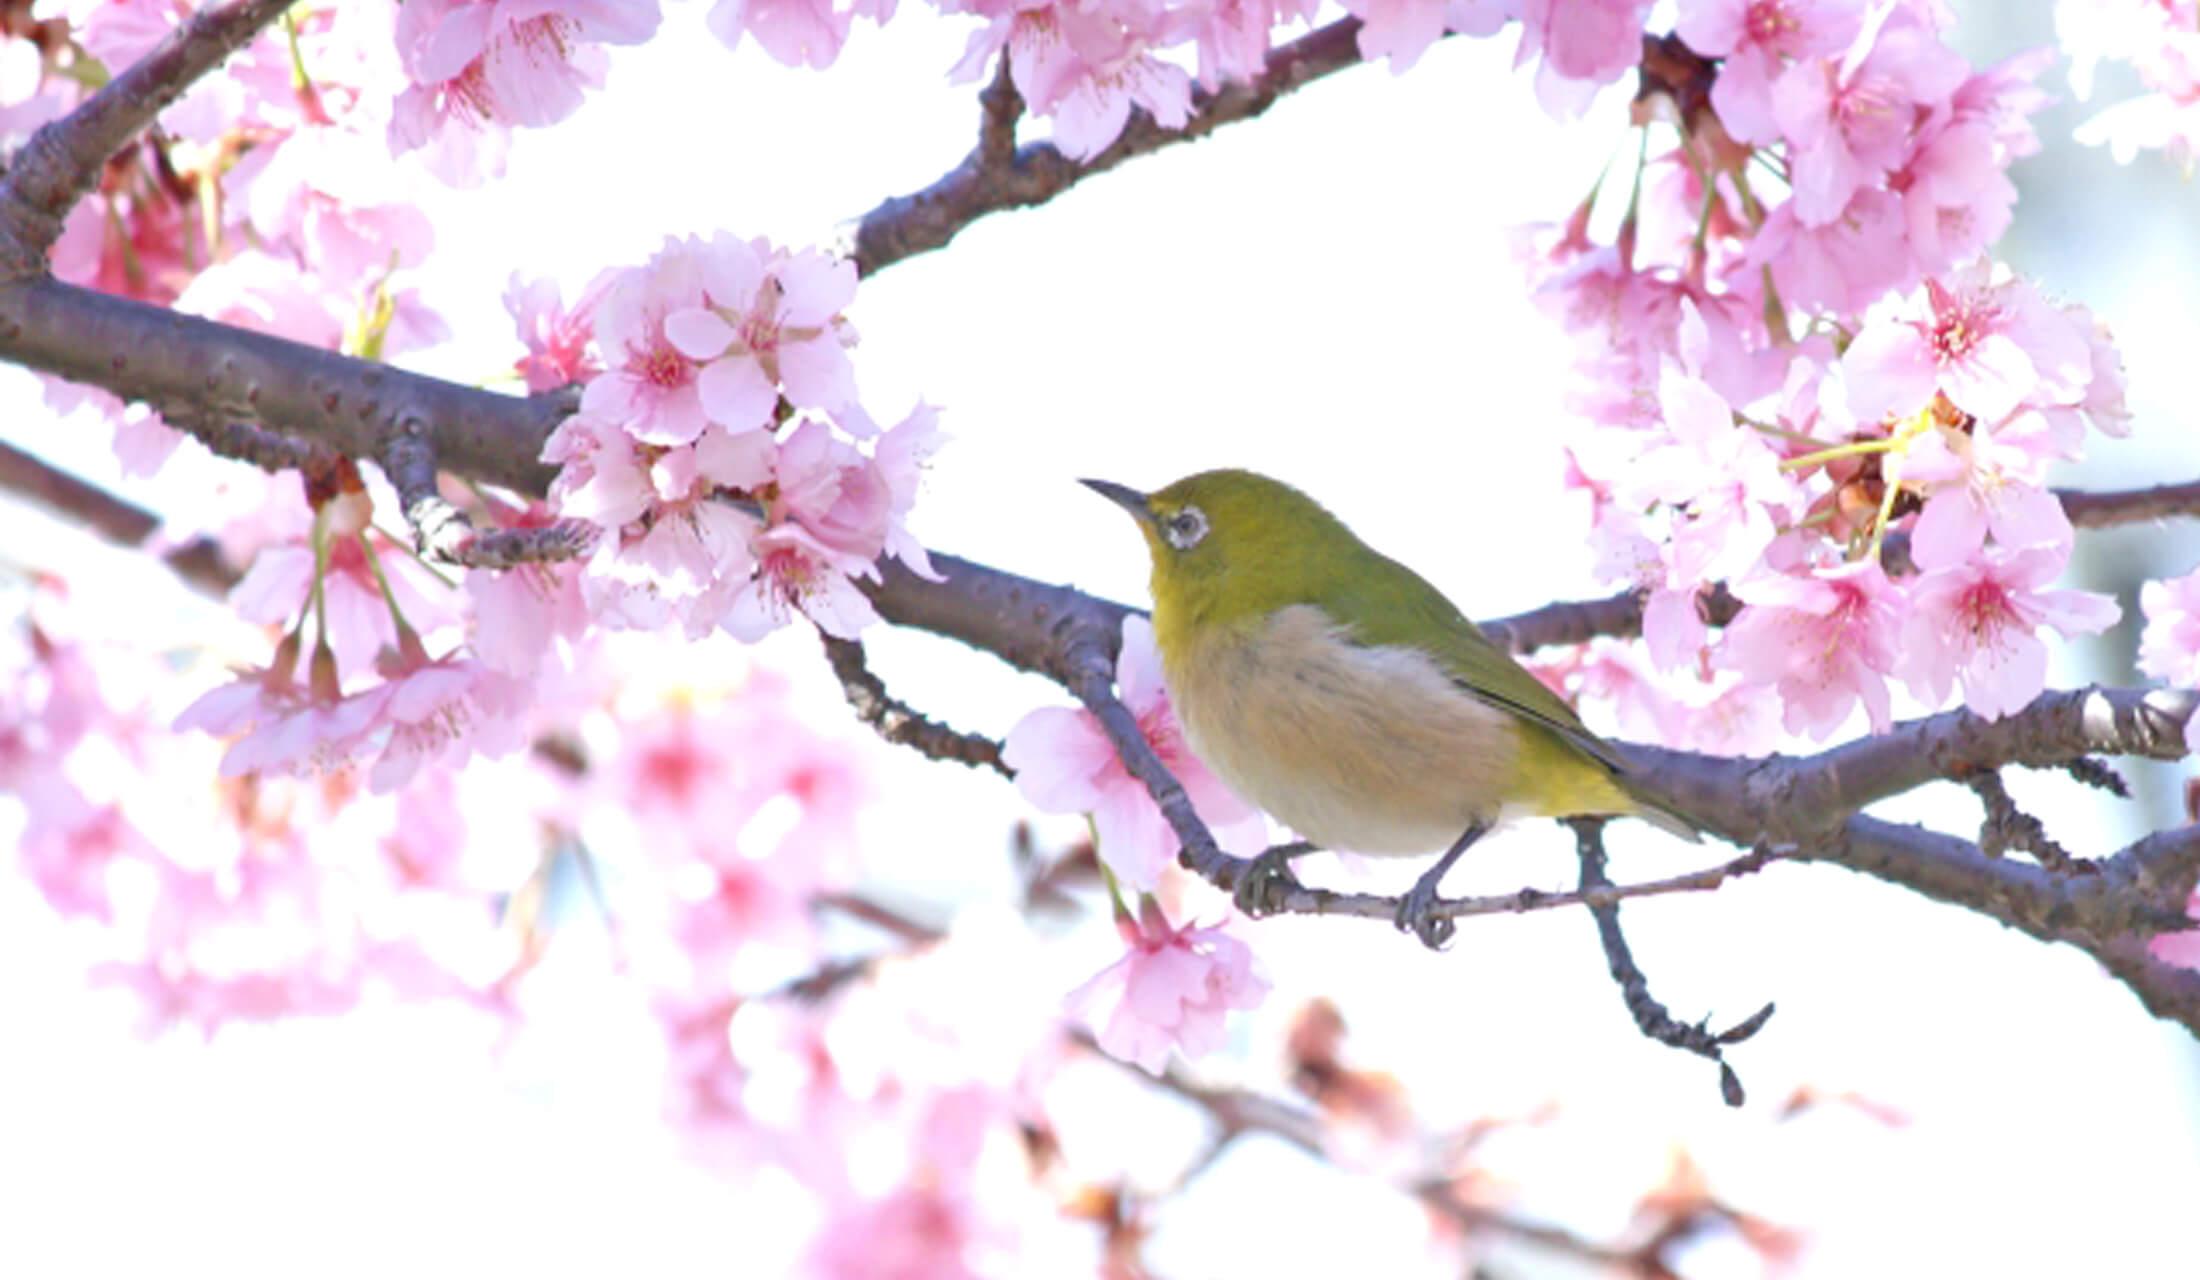 満開の桜の木の枝に一羽のメジロがとまっている